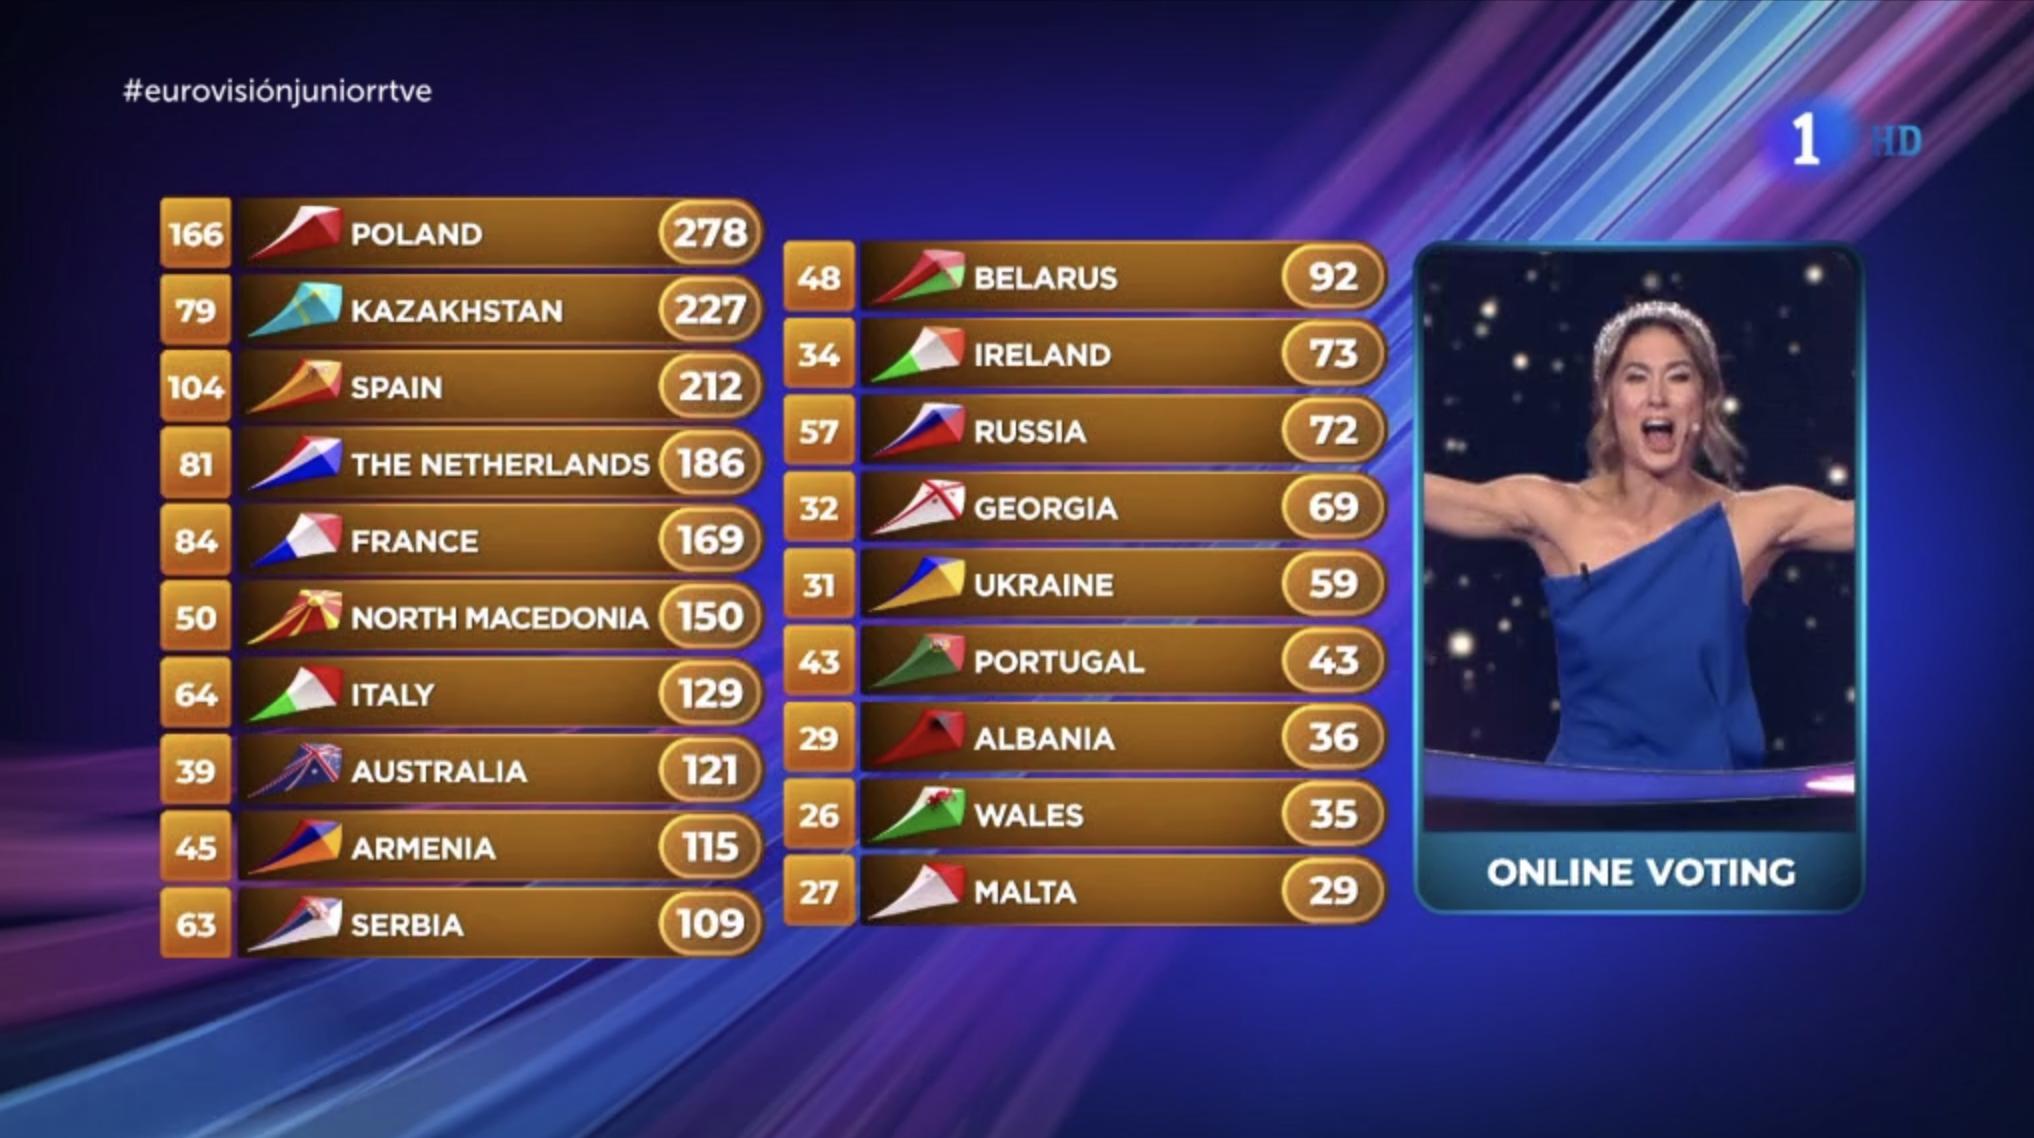 ¡Polonia gana Eurovision Junior 2019 por segundo año consecutivo! ¡España queda en tercera posición! Así ha quedado el resultado de las ...